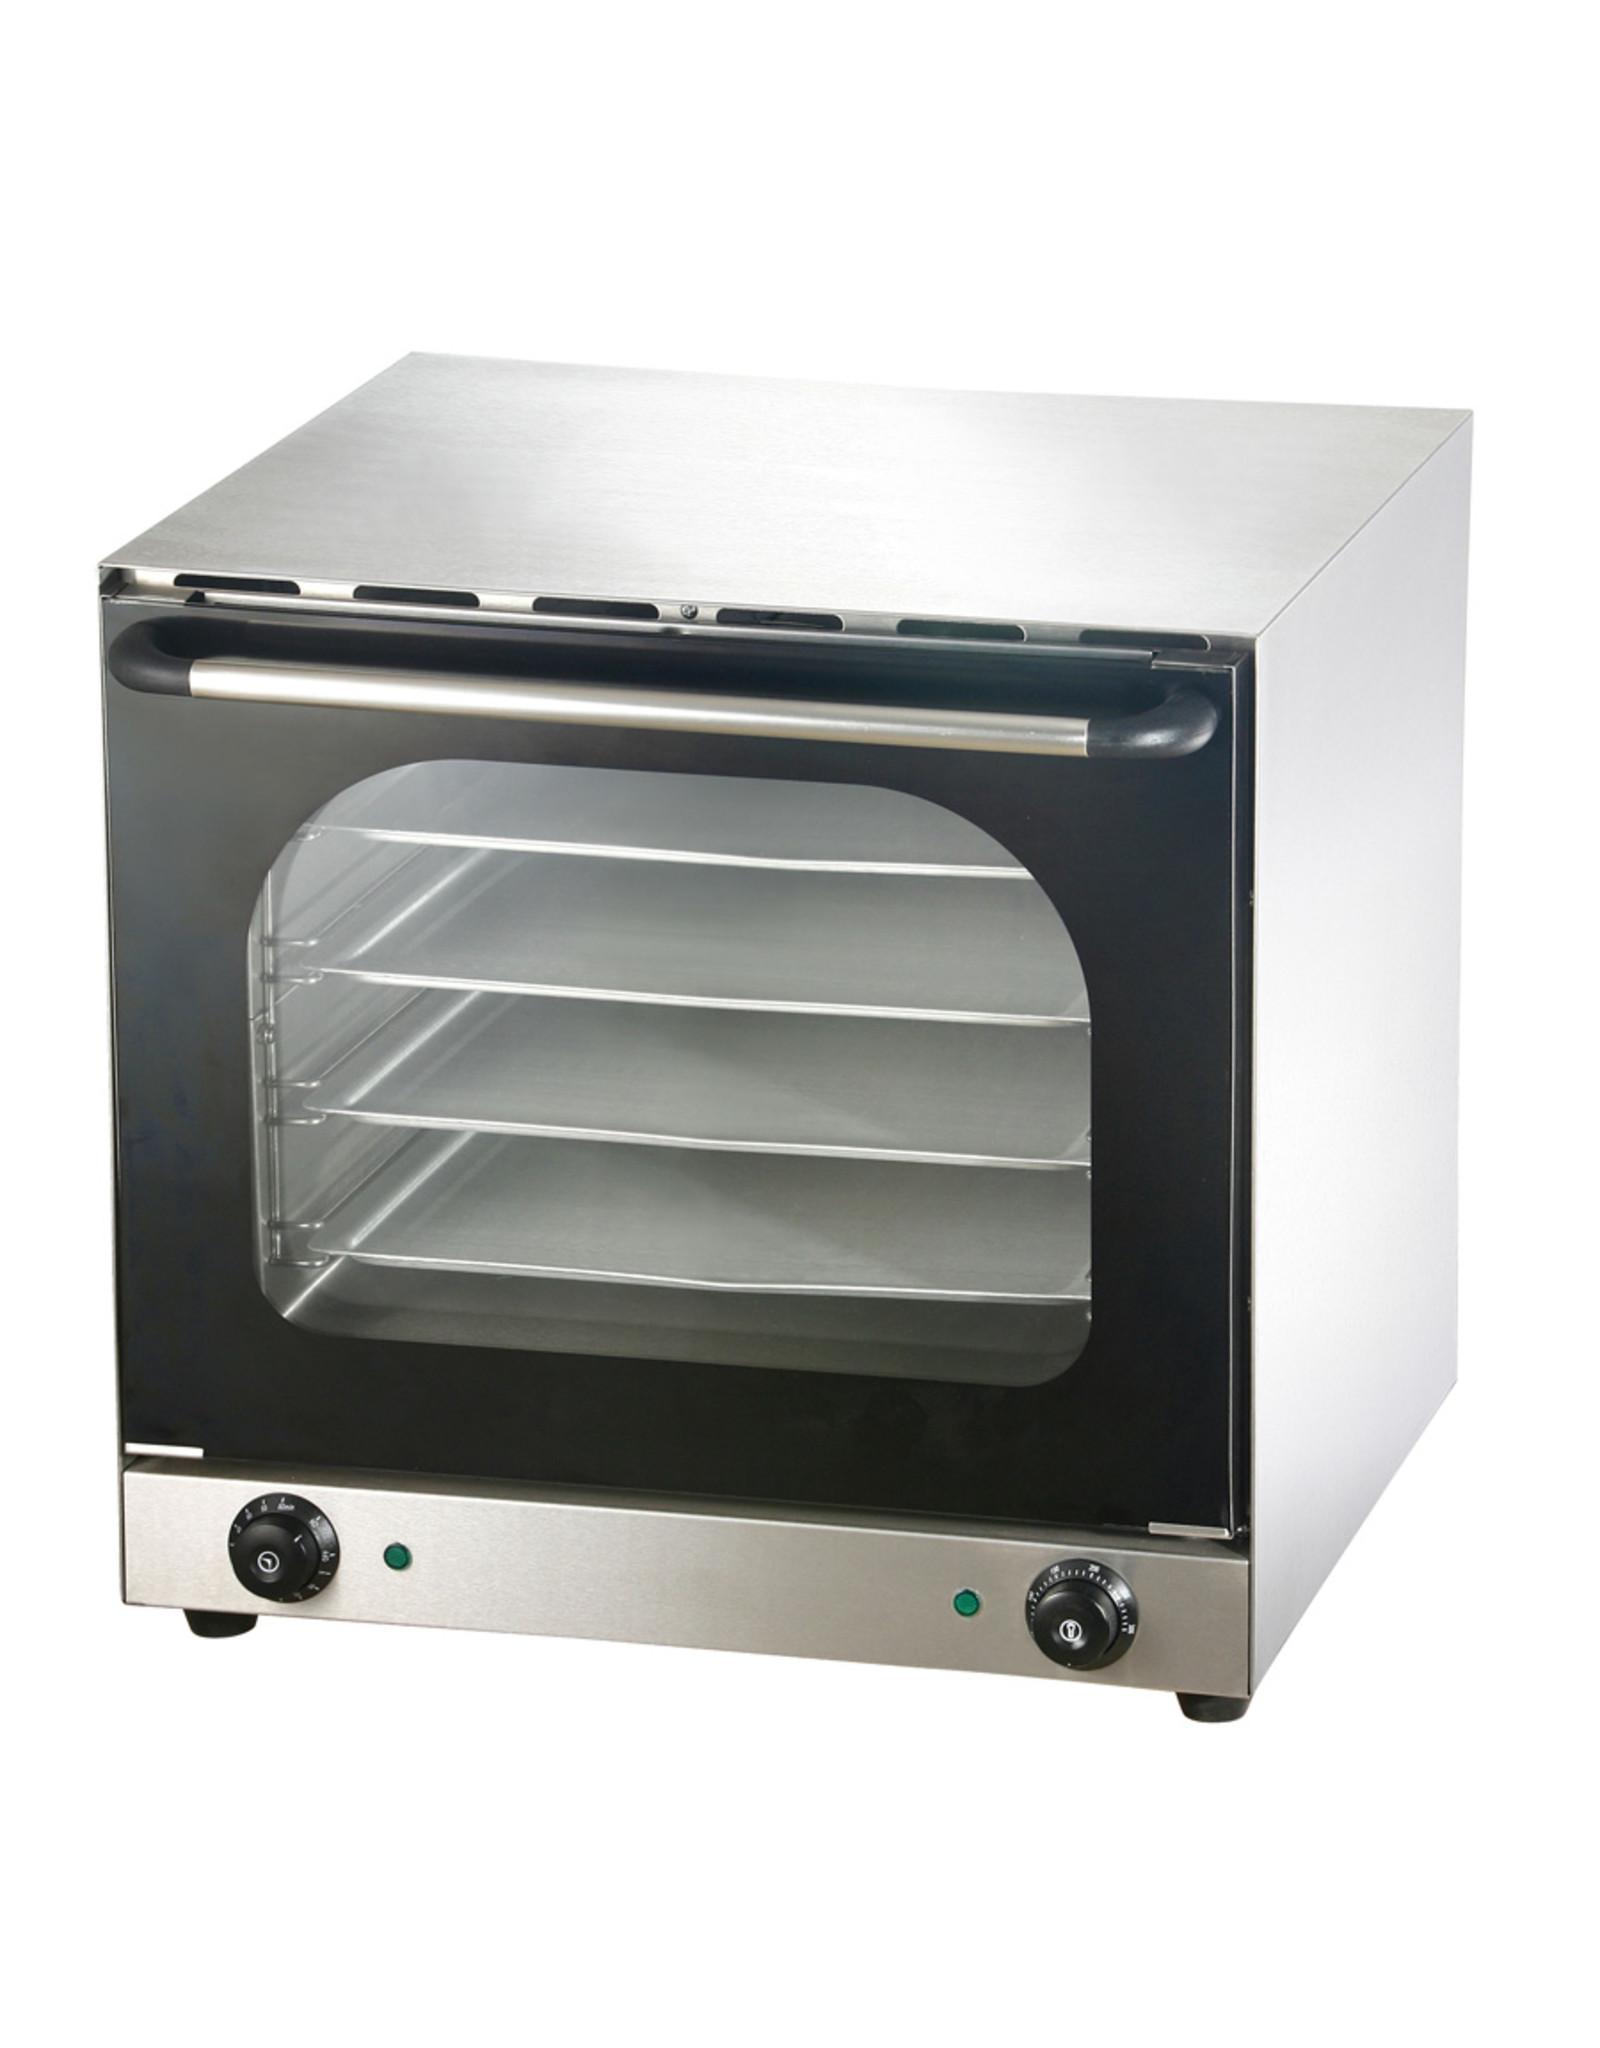 Q-Gastro Hetelucht oven 230V (Nieuw!!)